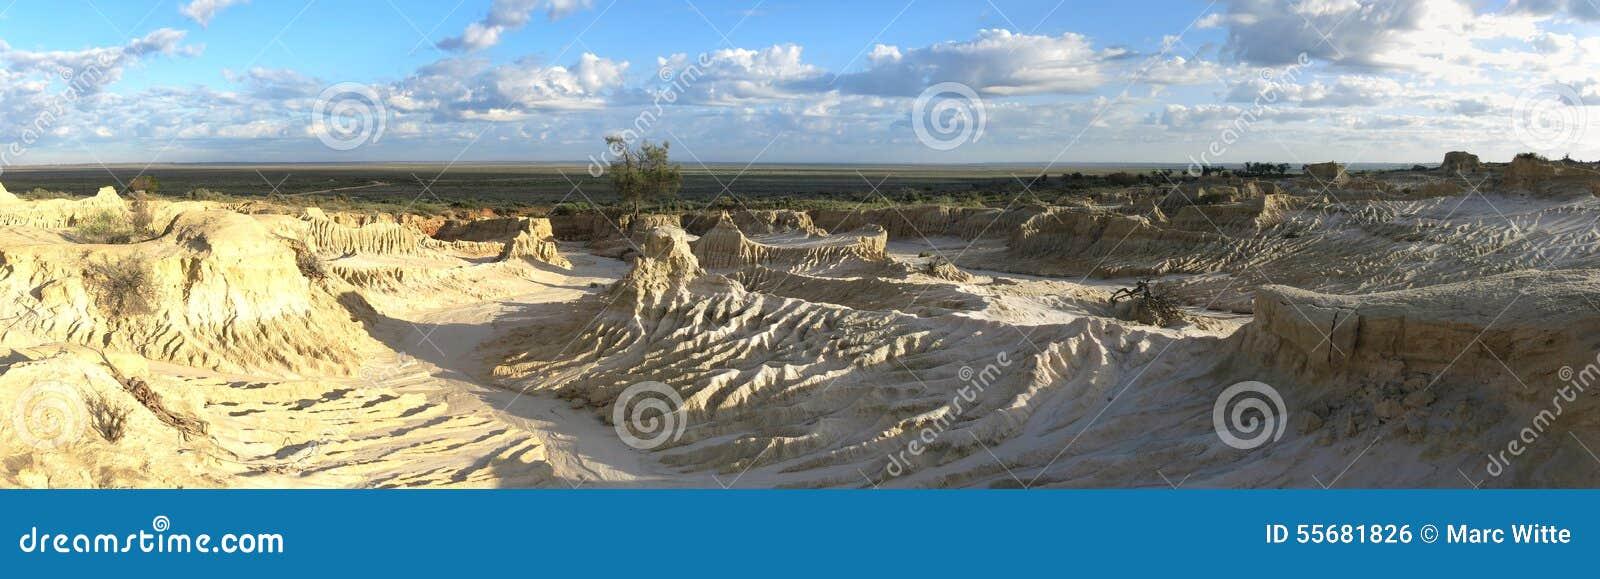 Πανόραμα - Mungo εθνικό πάρκο, NSW, Αυστραλία